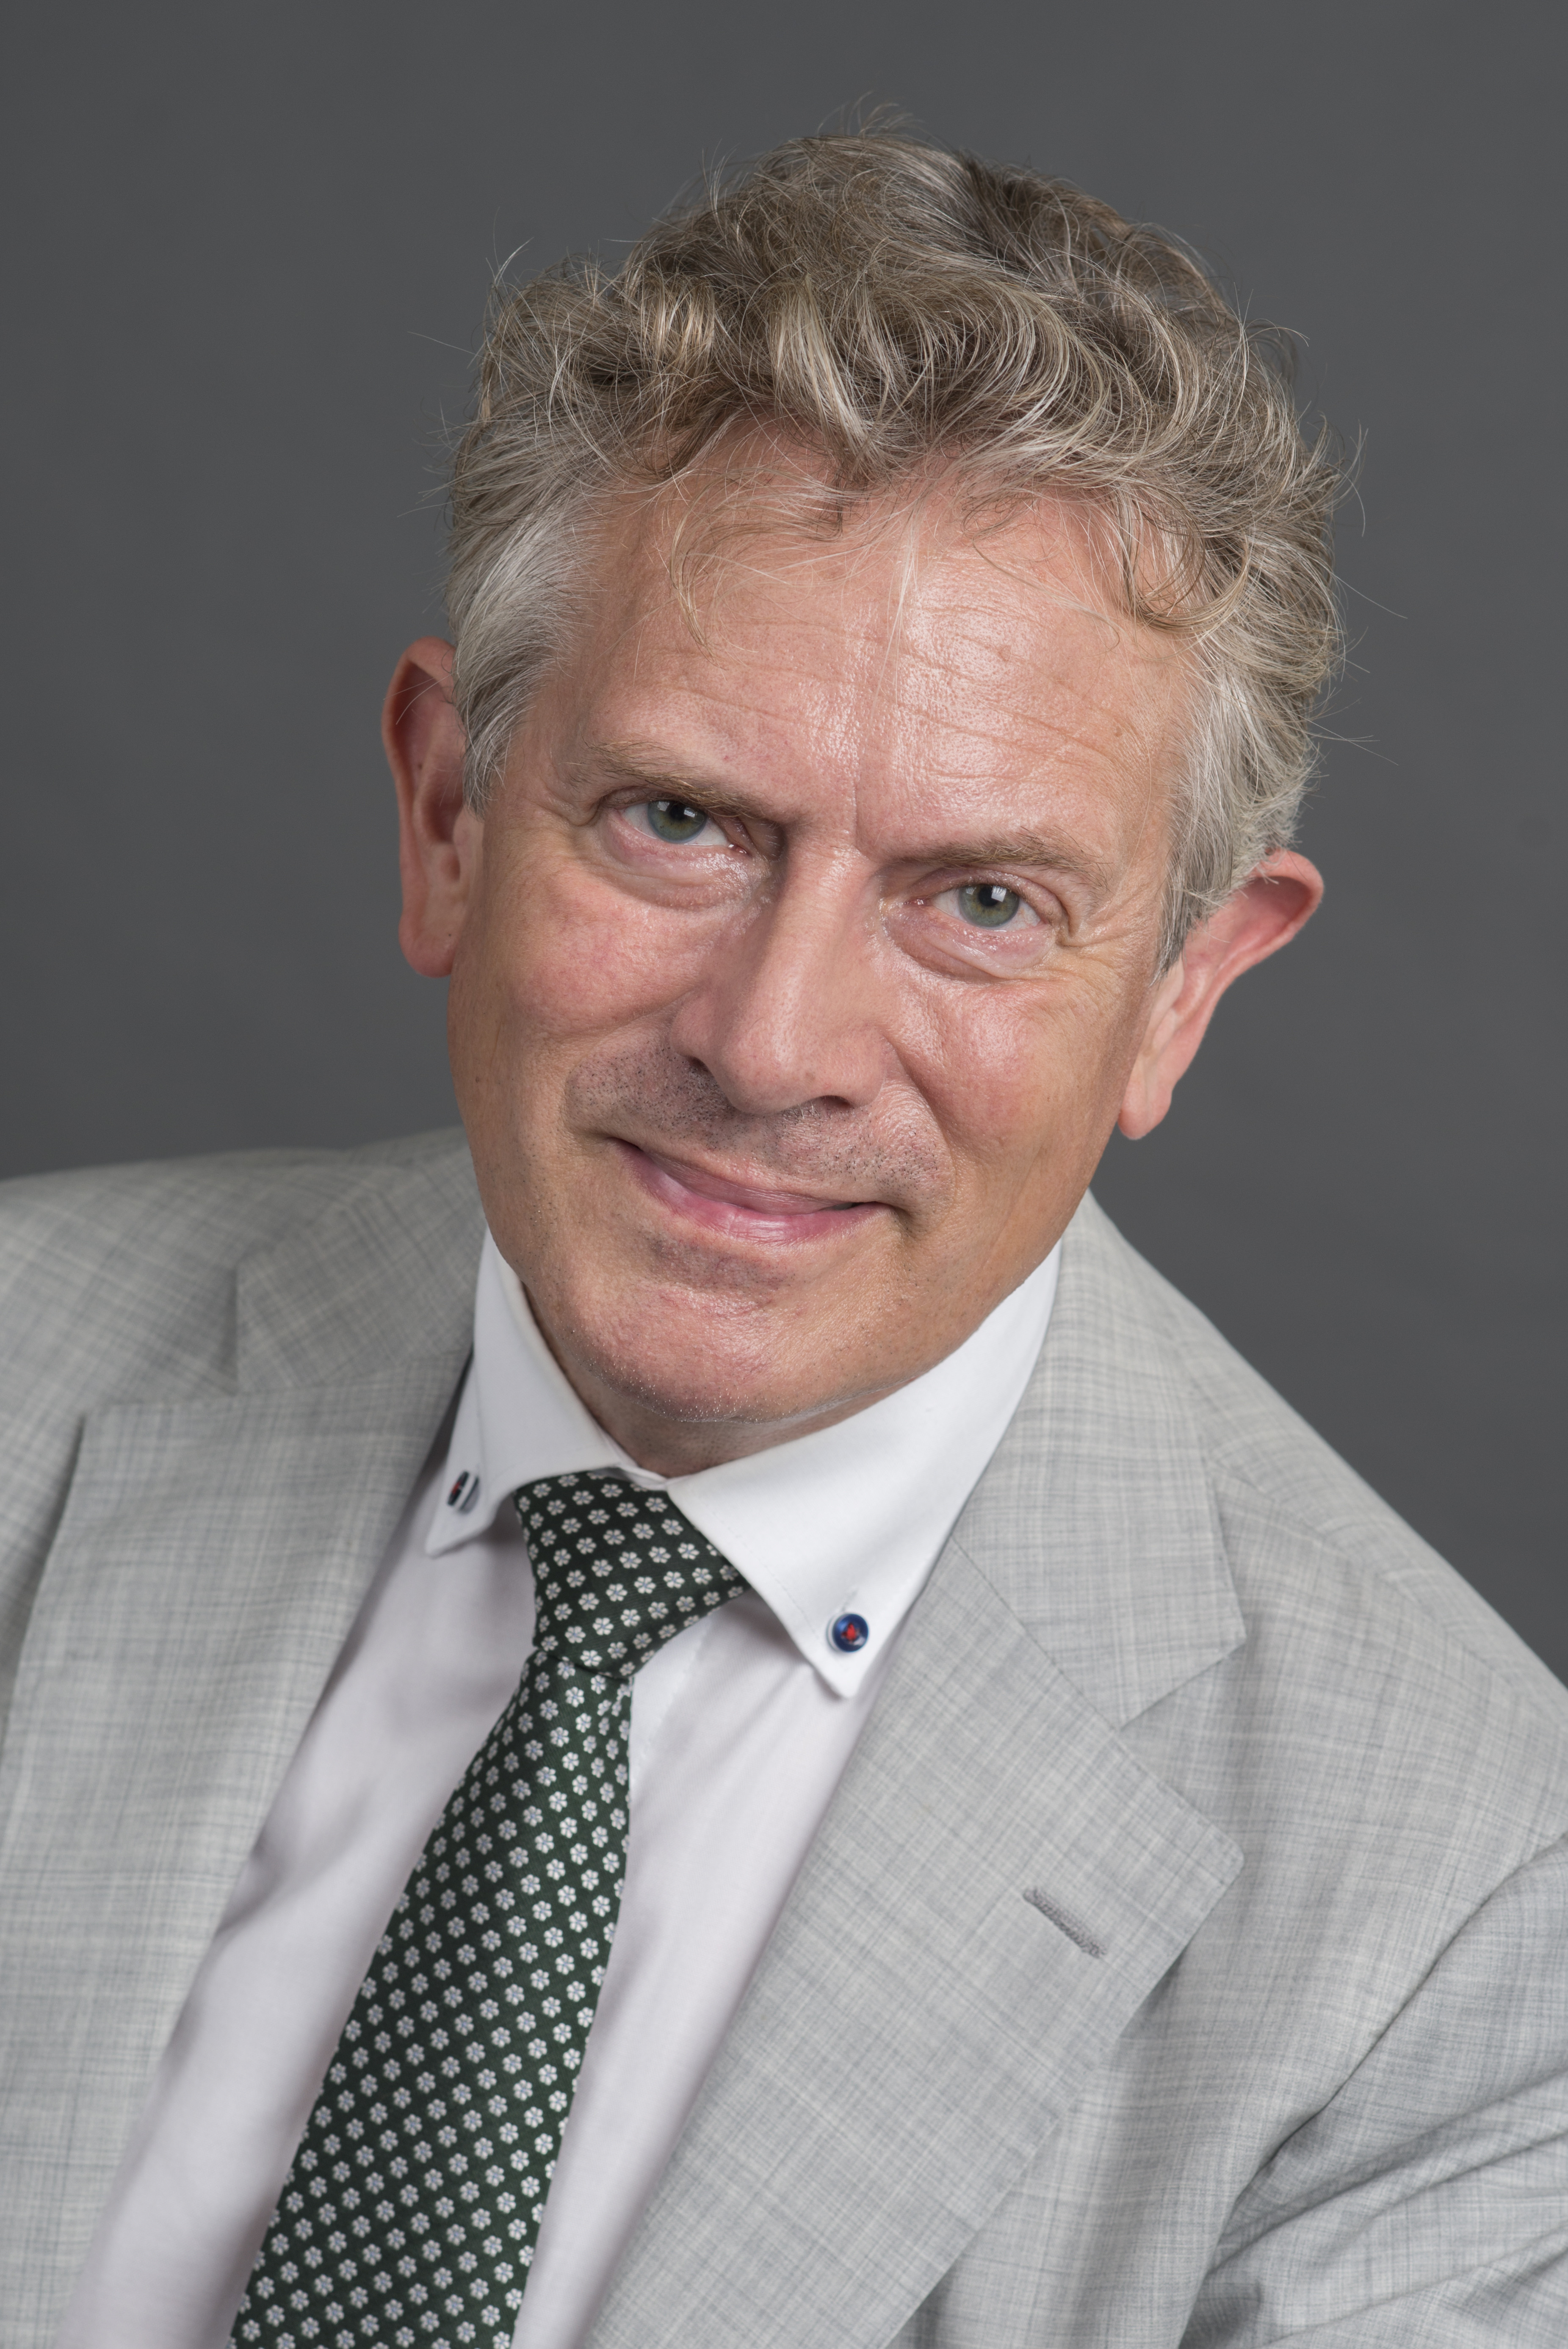 Marc Schoorel